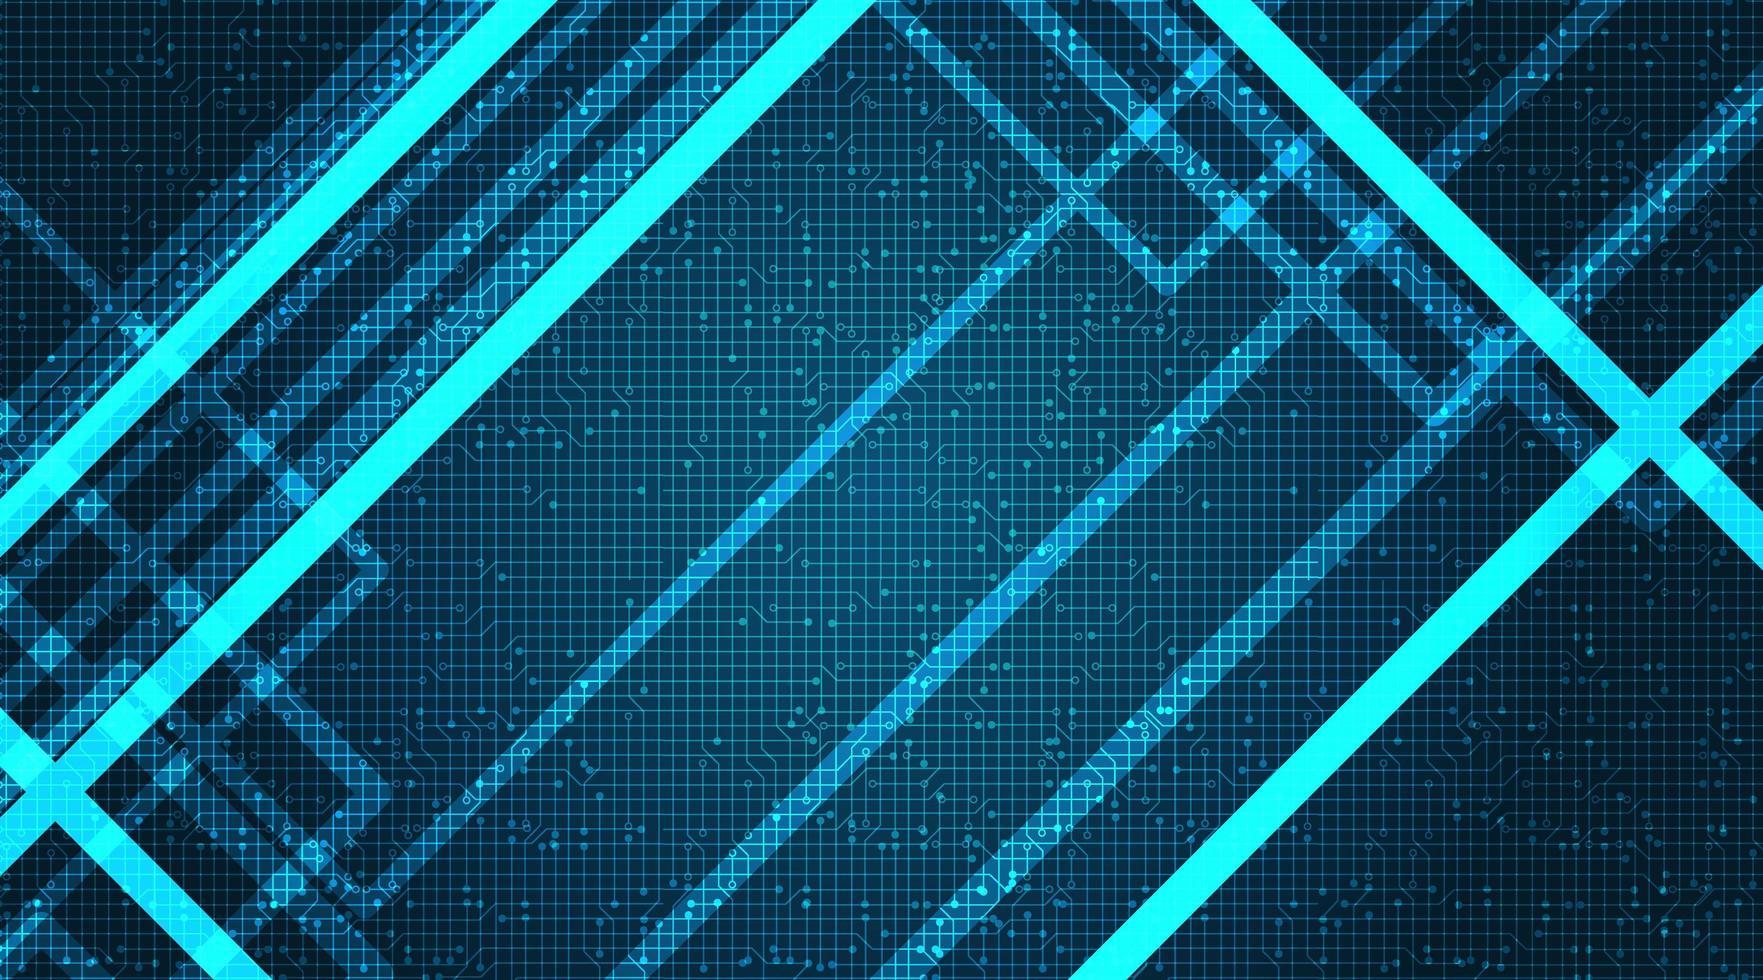 Circuit licht technologie achtergrond met schuine lijnen vector